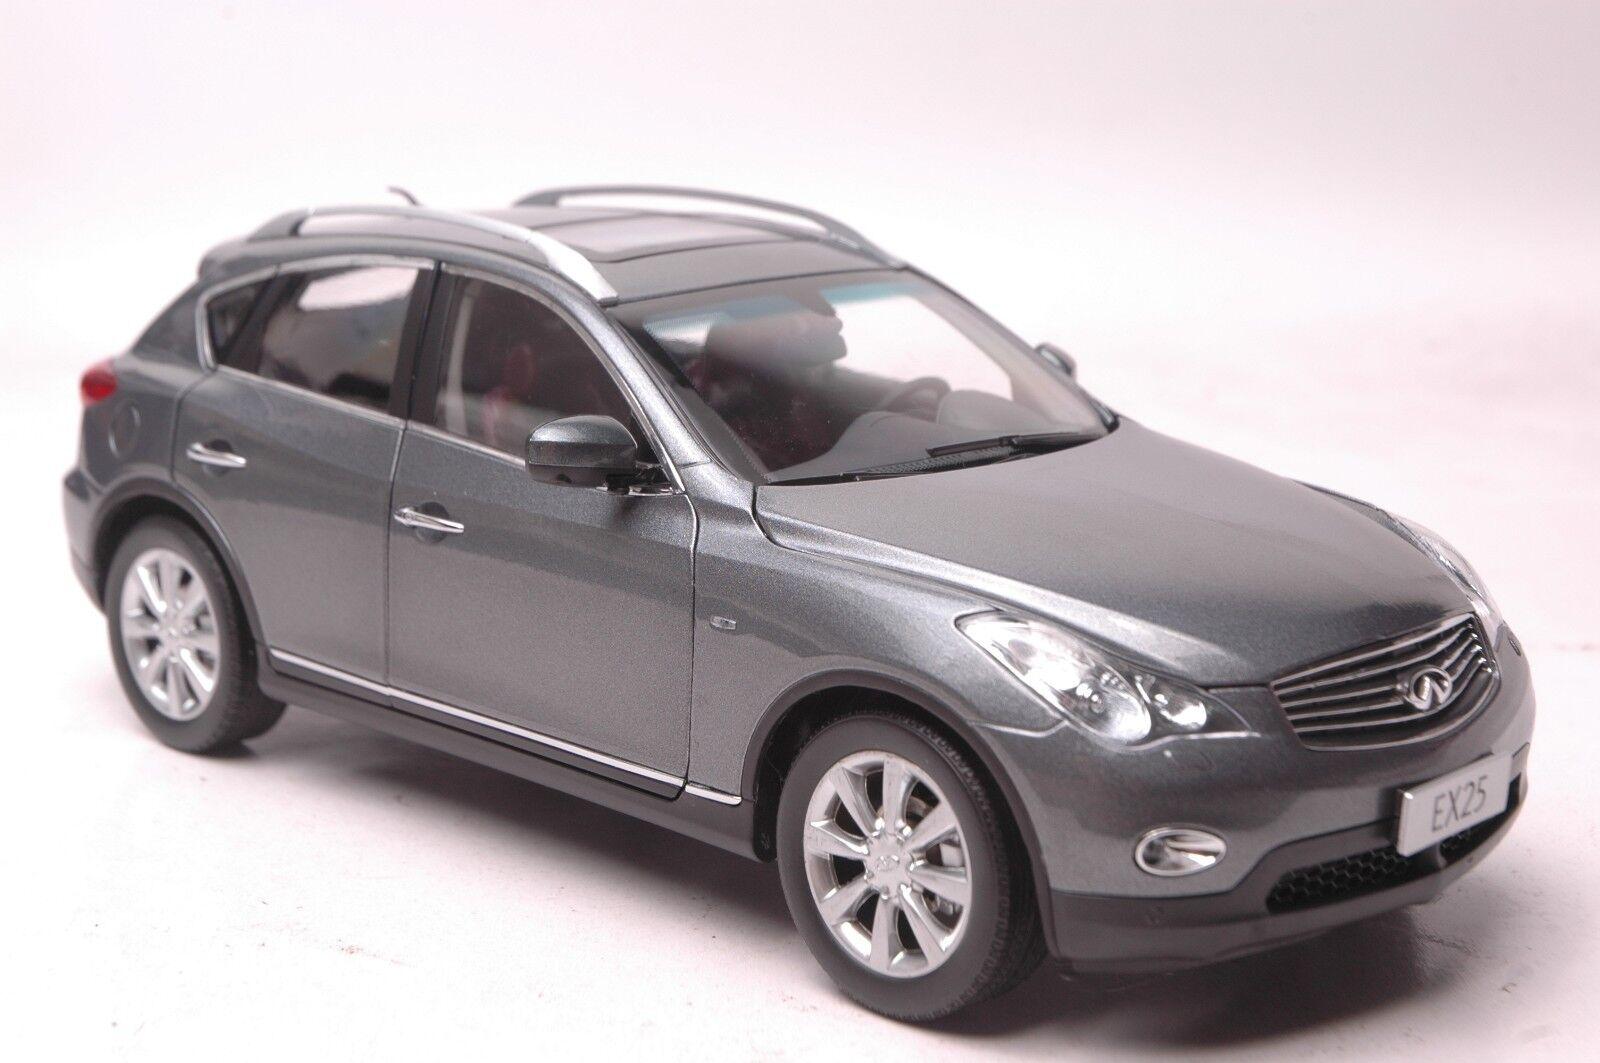 Infiniti EX25 car model in scale 1:18